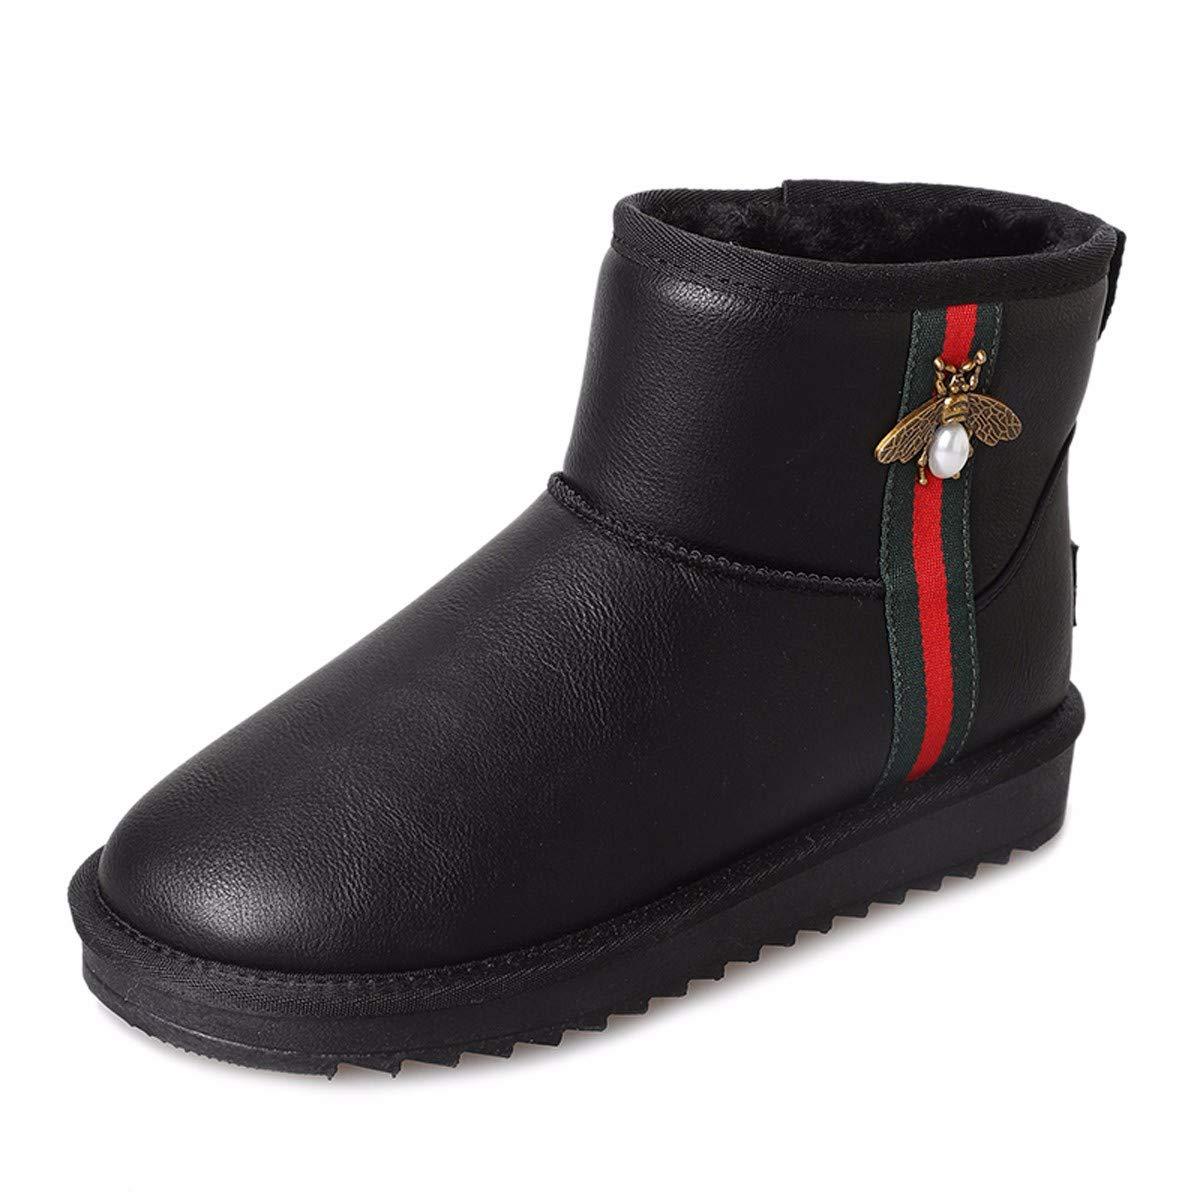 KPHY Damenschuhe/Stiefeln Frauen - Kurzen Schlauch Wild Studenten Winter Warm Baumwolle Baumwolle Stiefel Schuhe.